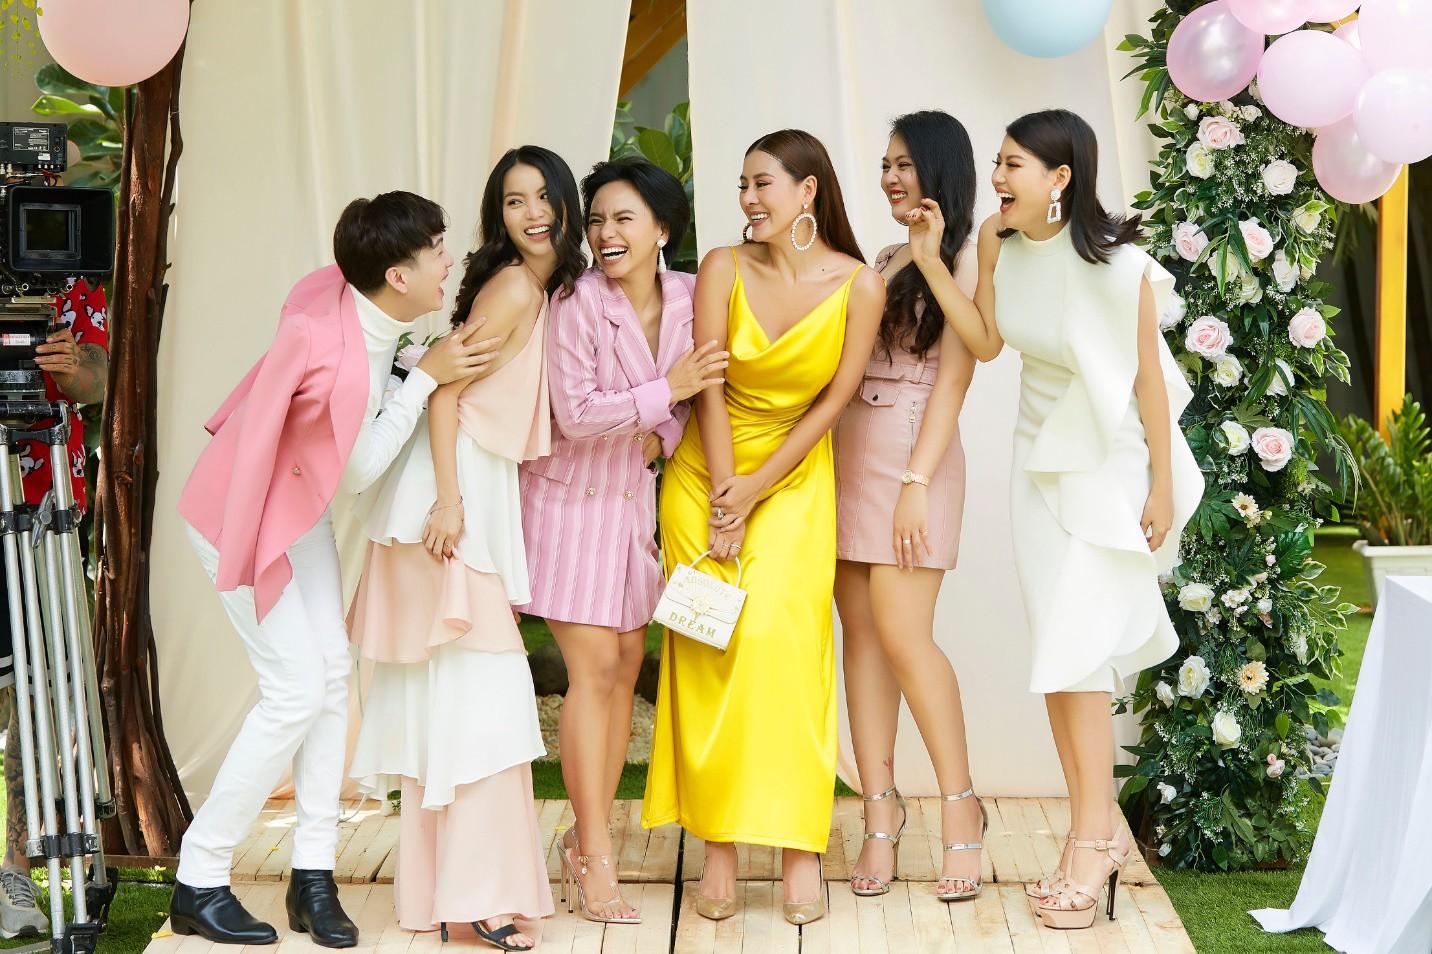 Ai nấy đều quyến rũ, cuốn hút và đây là lý do các mỹ nhân Việt yêu thích thiết kế từ lụa - Ảnh 3.